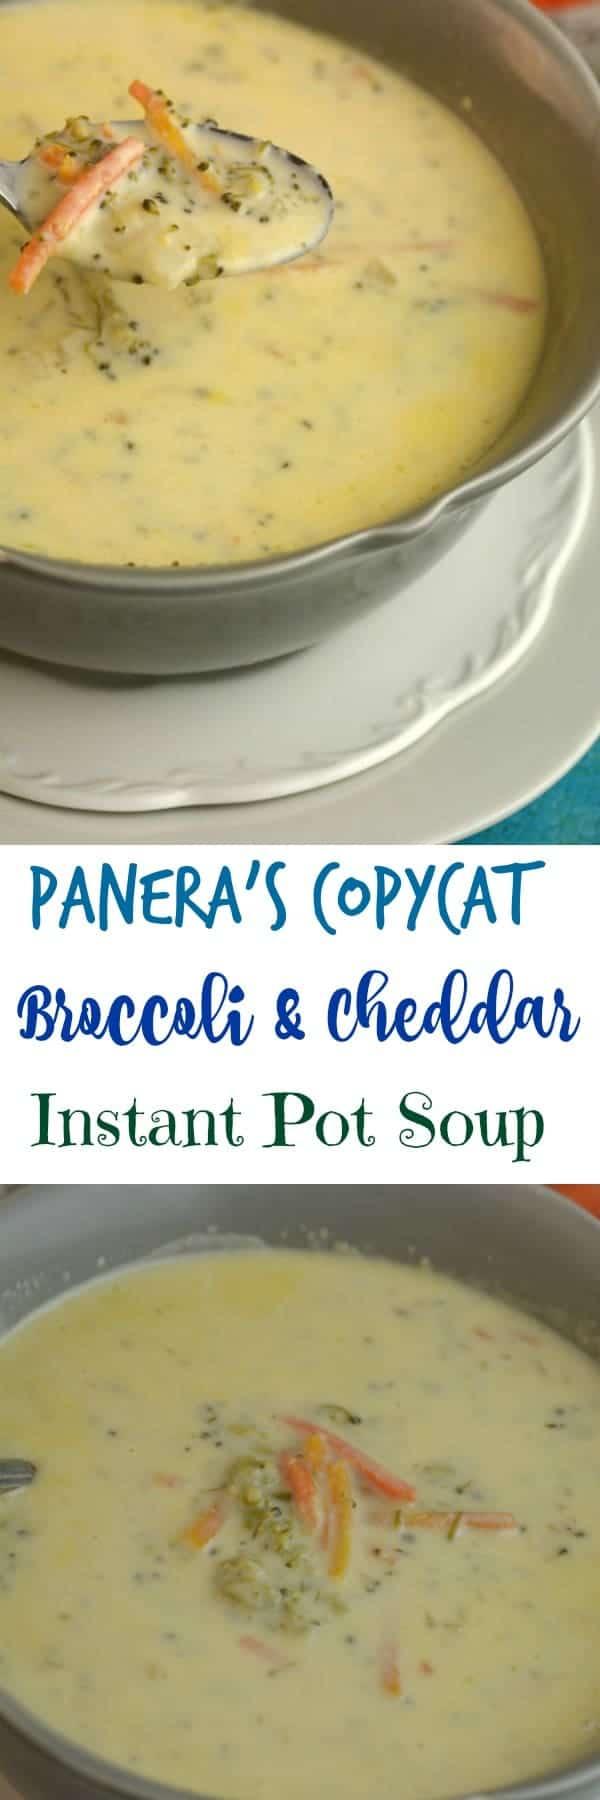 panera u0027s copycat broccoli and cheddar instant pot soup